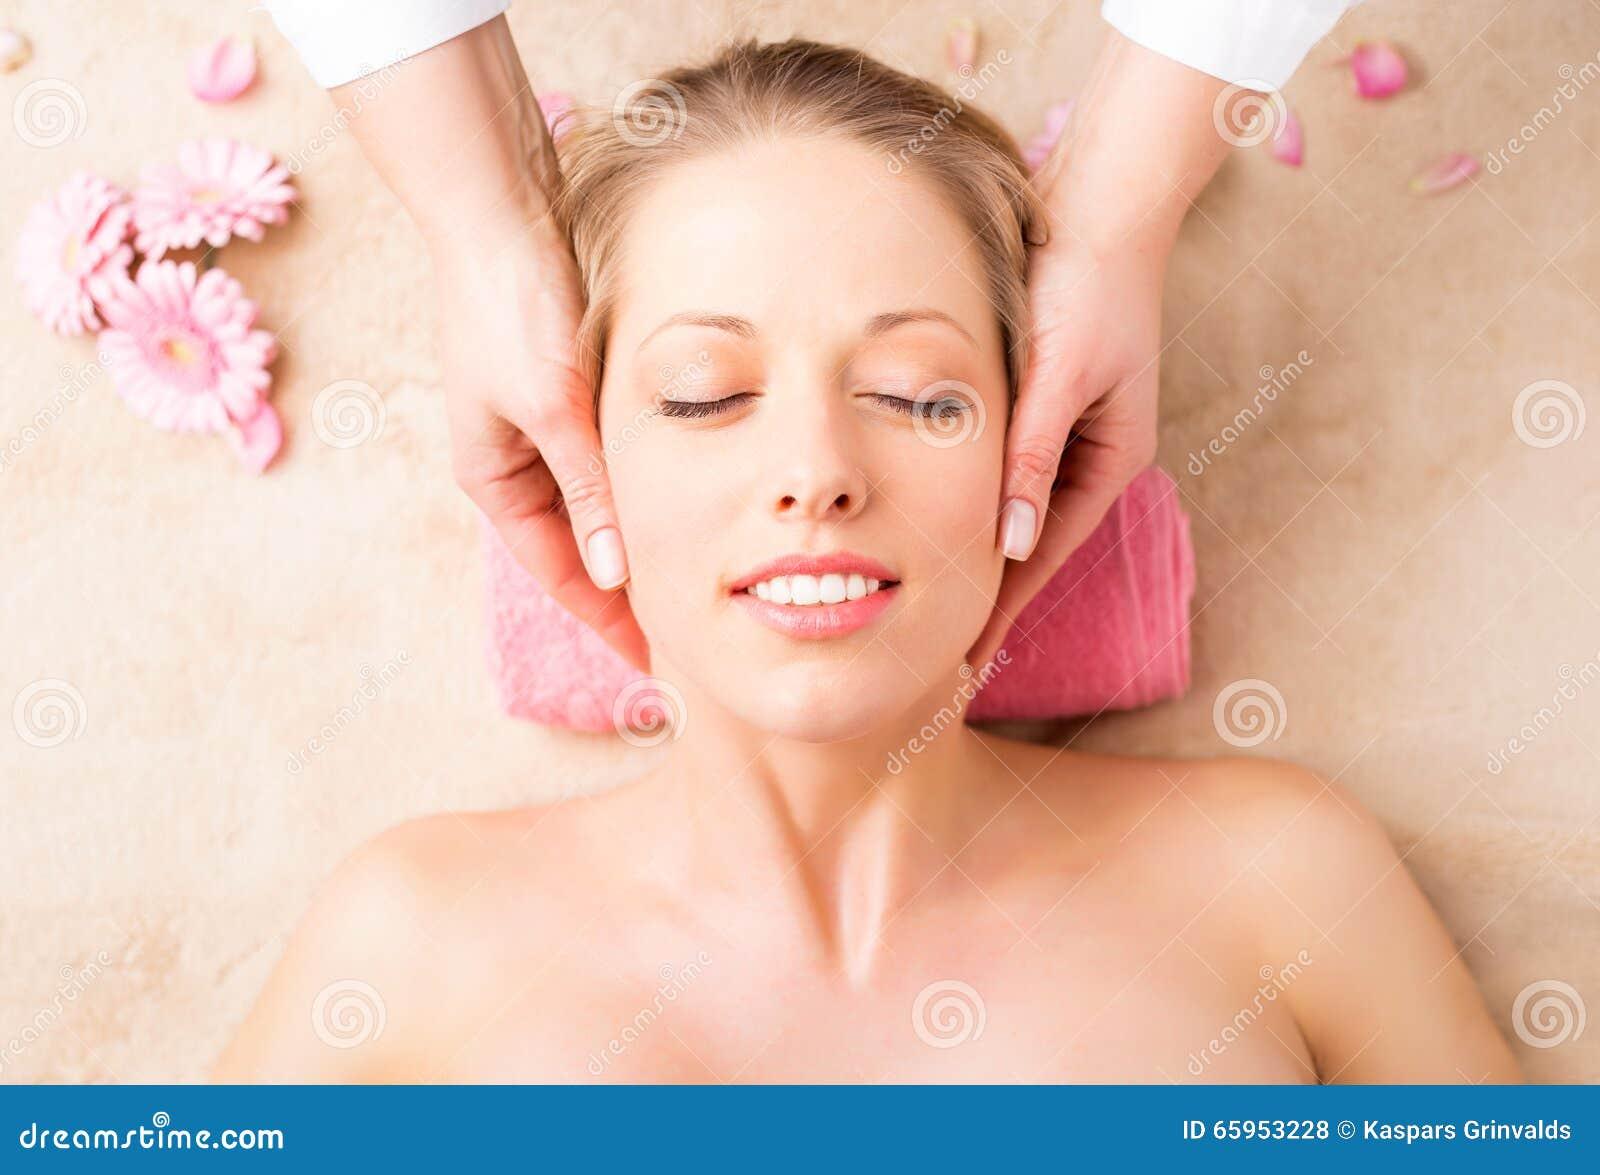 Närbild av en ung kvinna som får framsidamassage